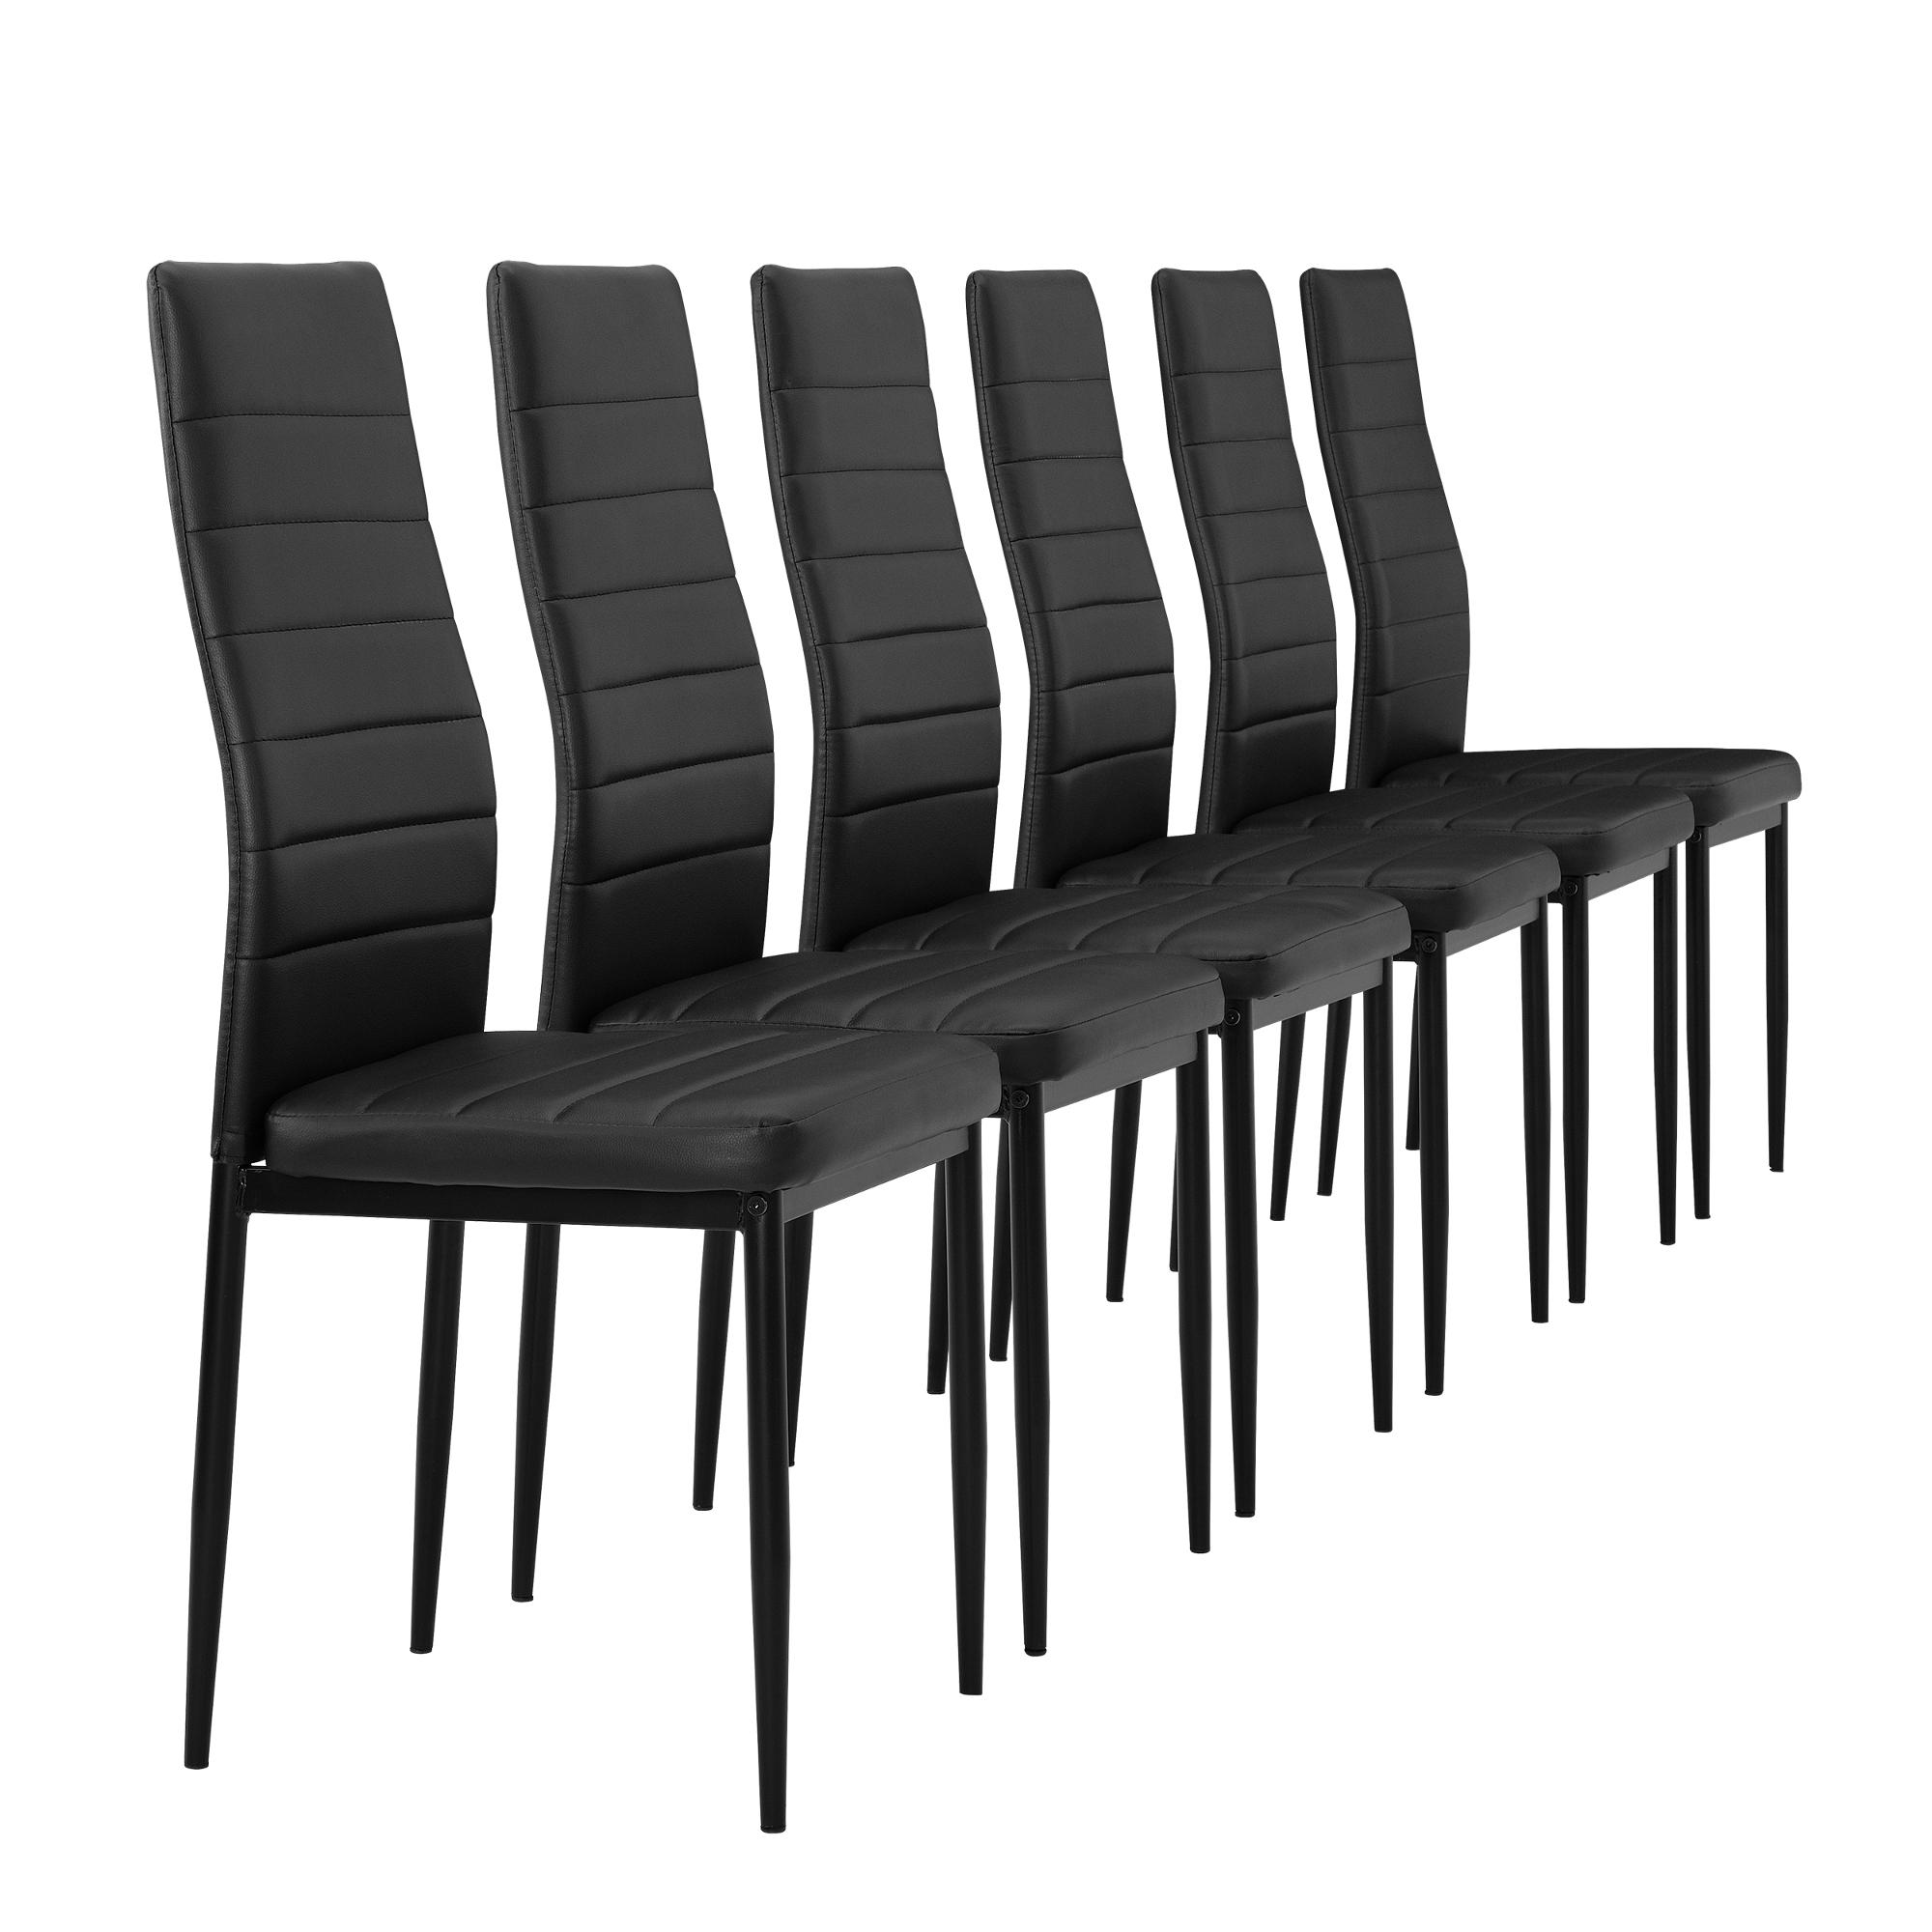 esstisch mit 6 st hlen schwarz 140x60cm. Black Bedroom Furniture Sets. Home Design Ideas